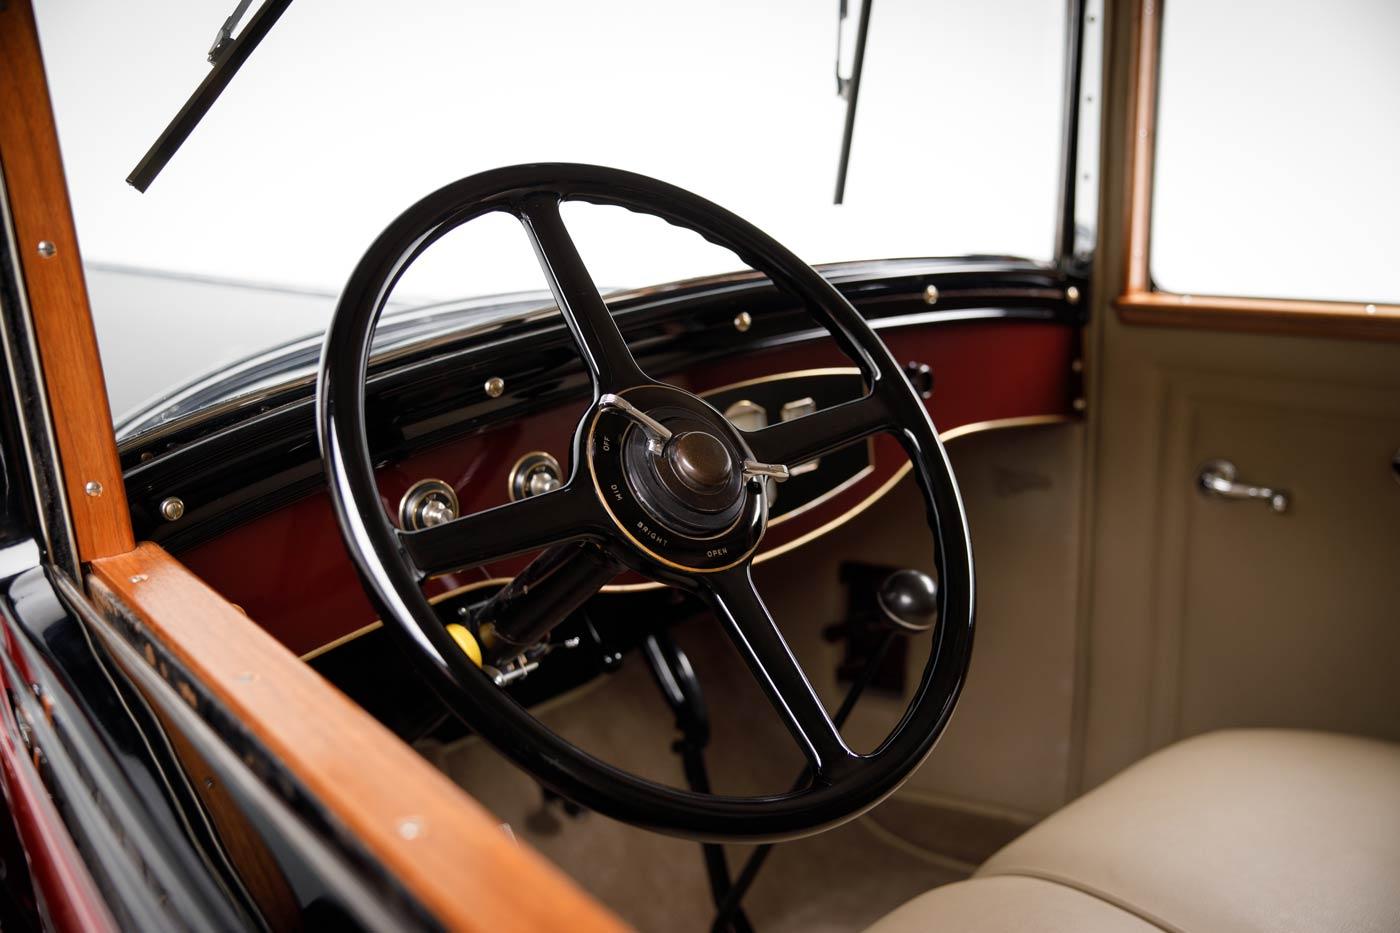 1929 Pierce-Arrow Model 133 Limousine - The JBS Collection